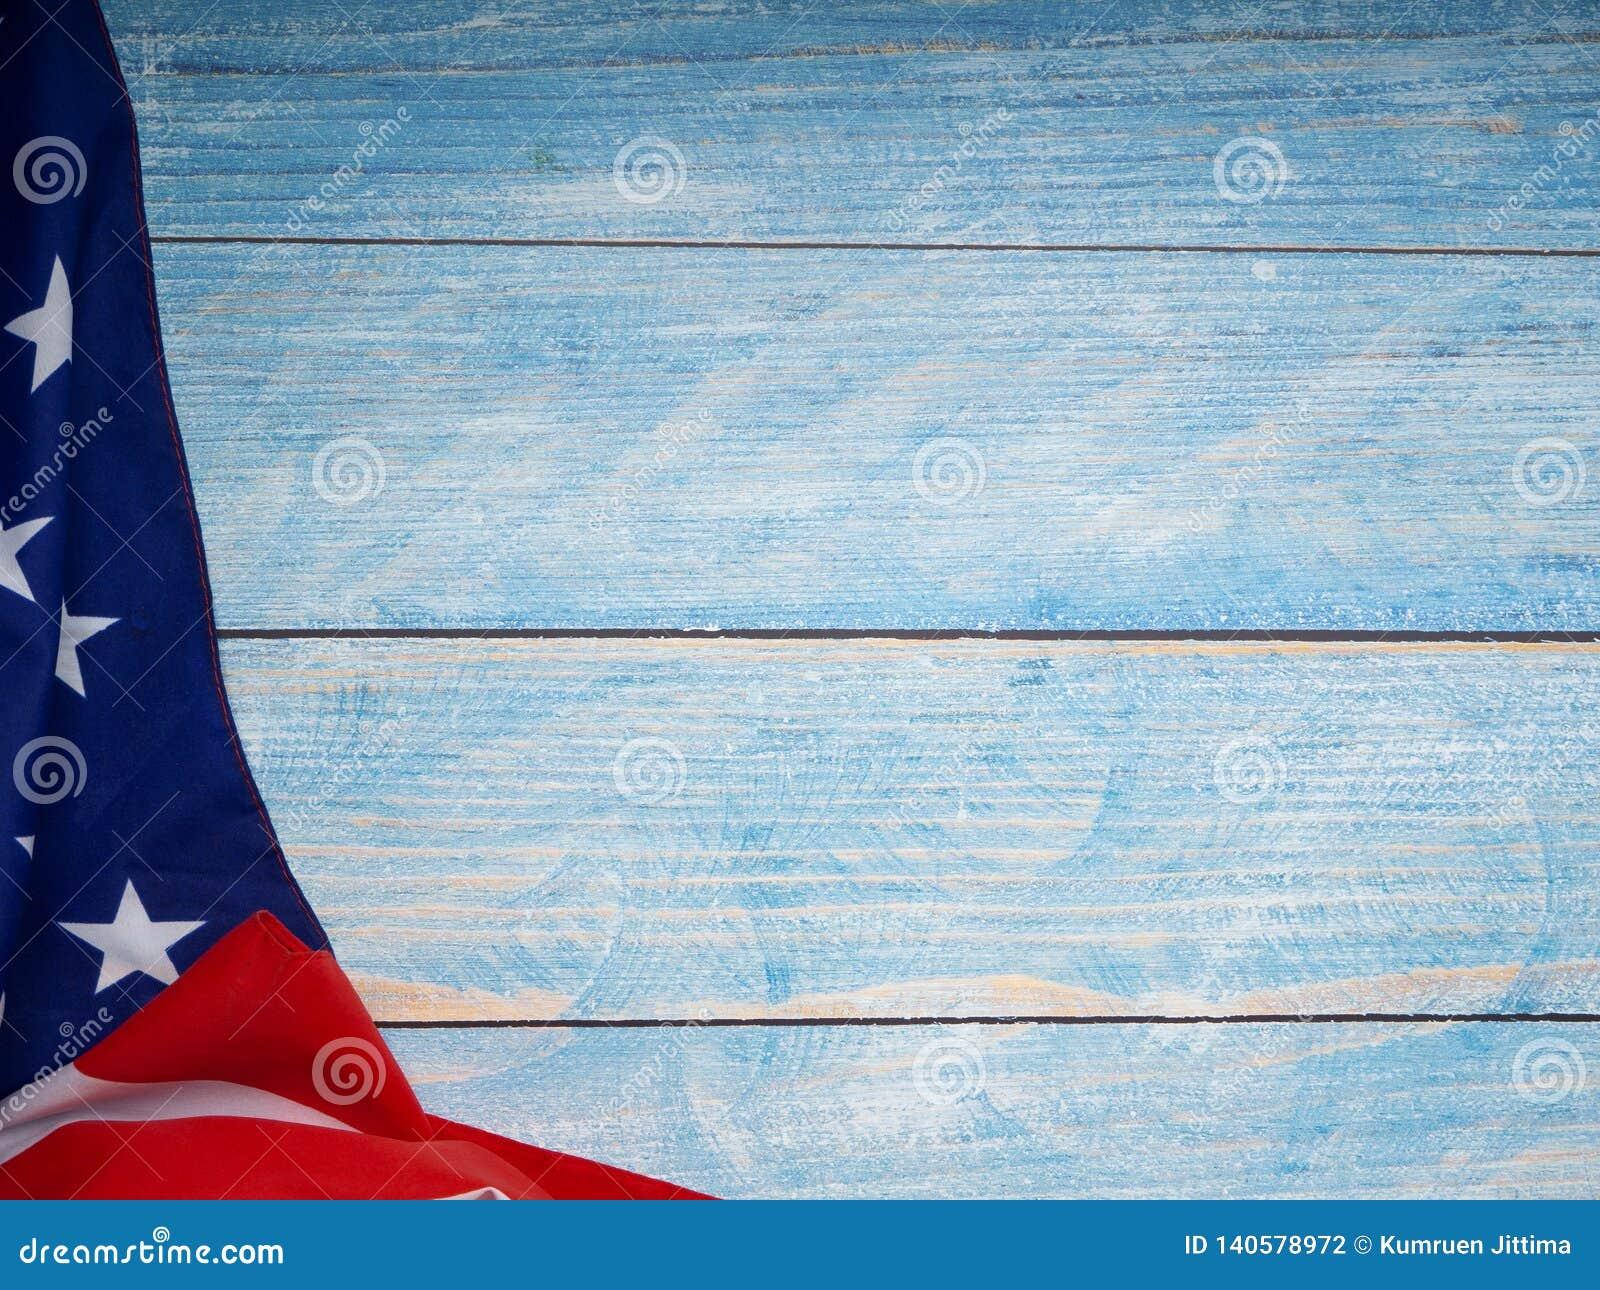 Bandera americana en de madera azul